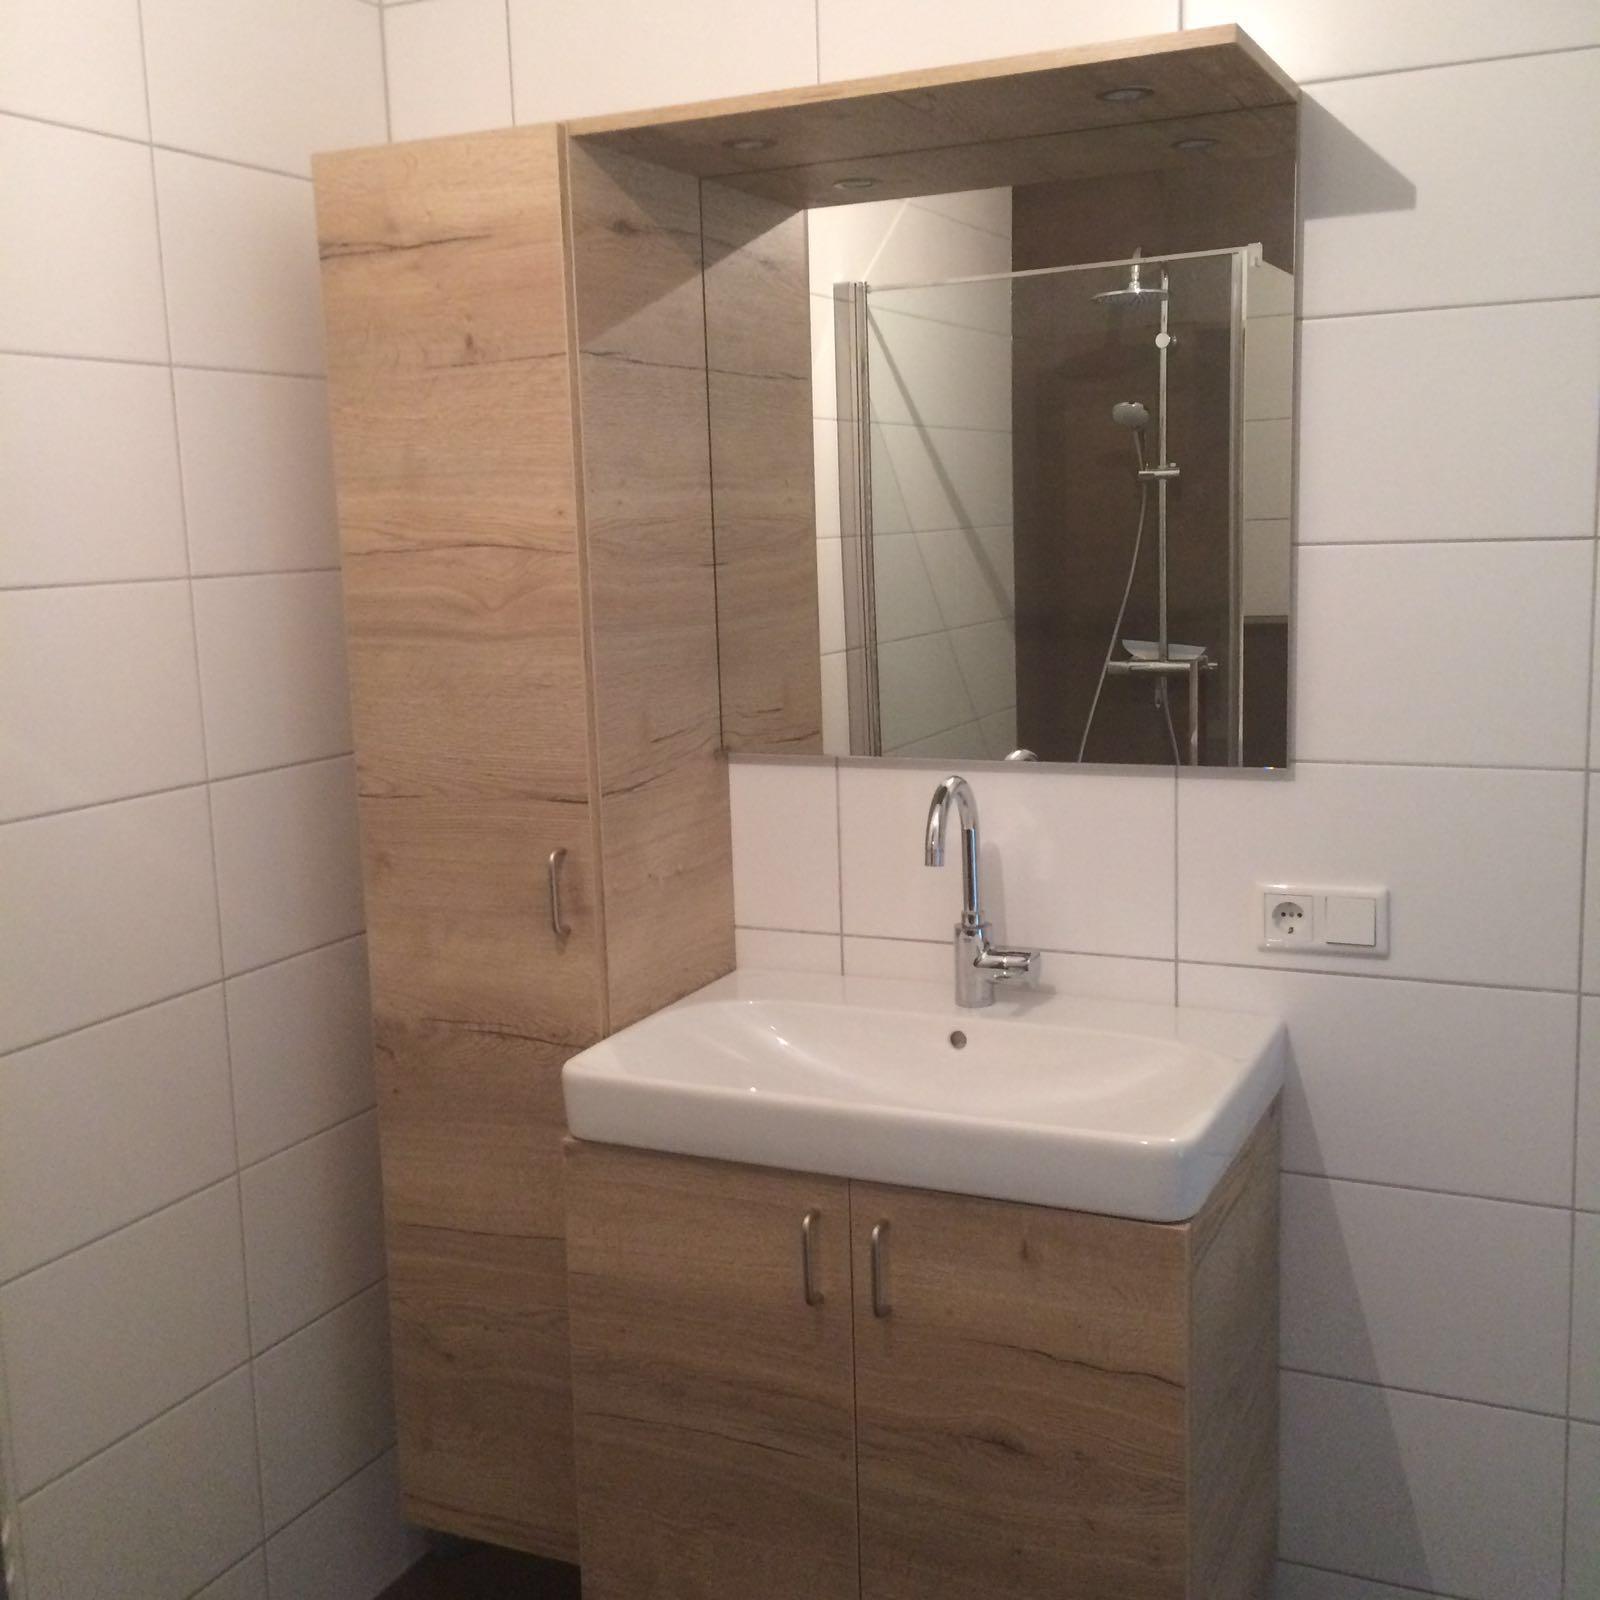 Badkamermeubels projecttypes van doren maatinterieurs - Badkamer meubels ...